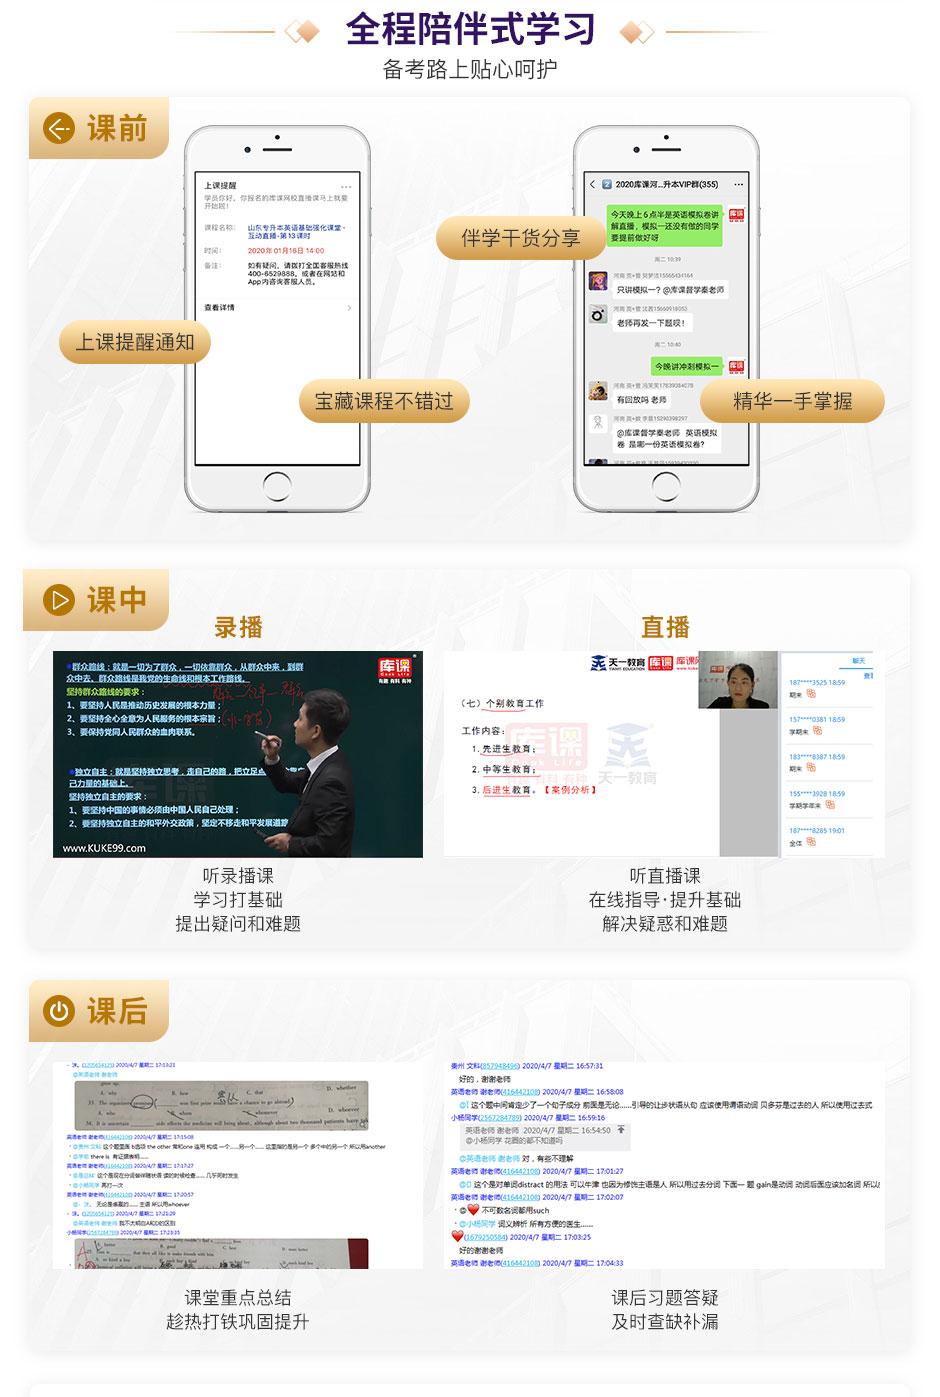 云南vip-高数_05.jpg